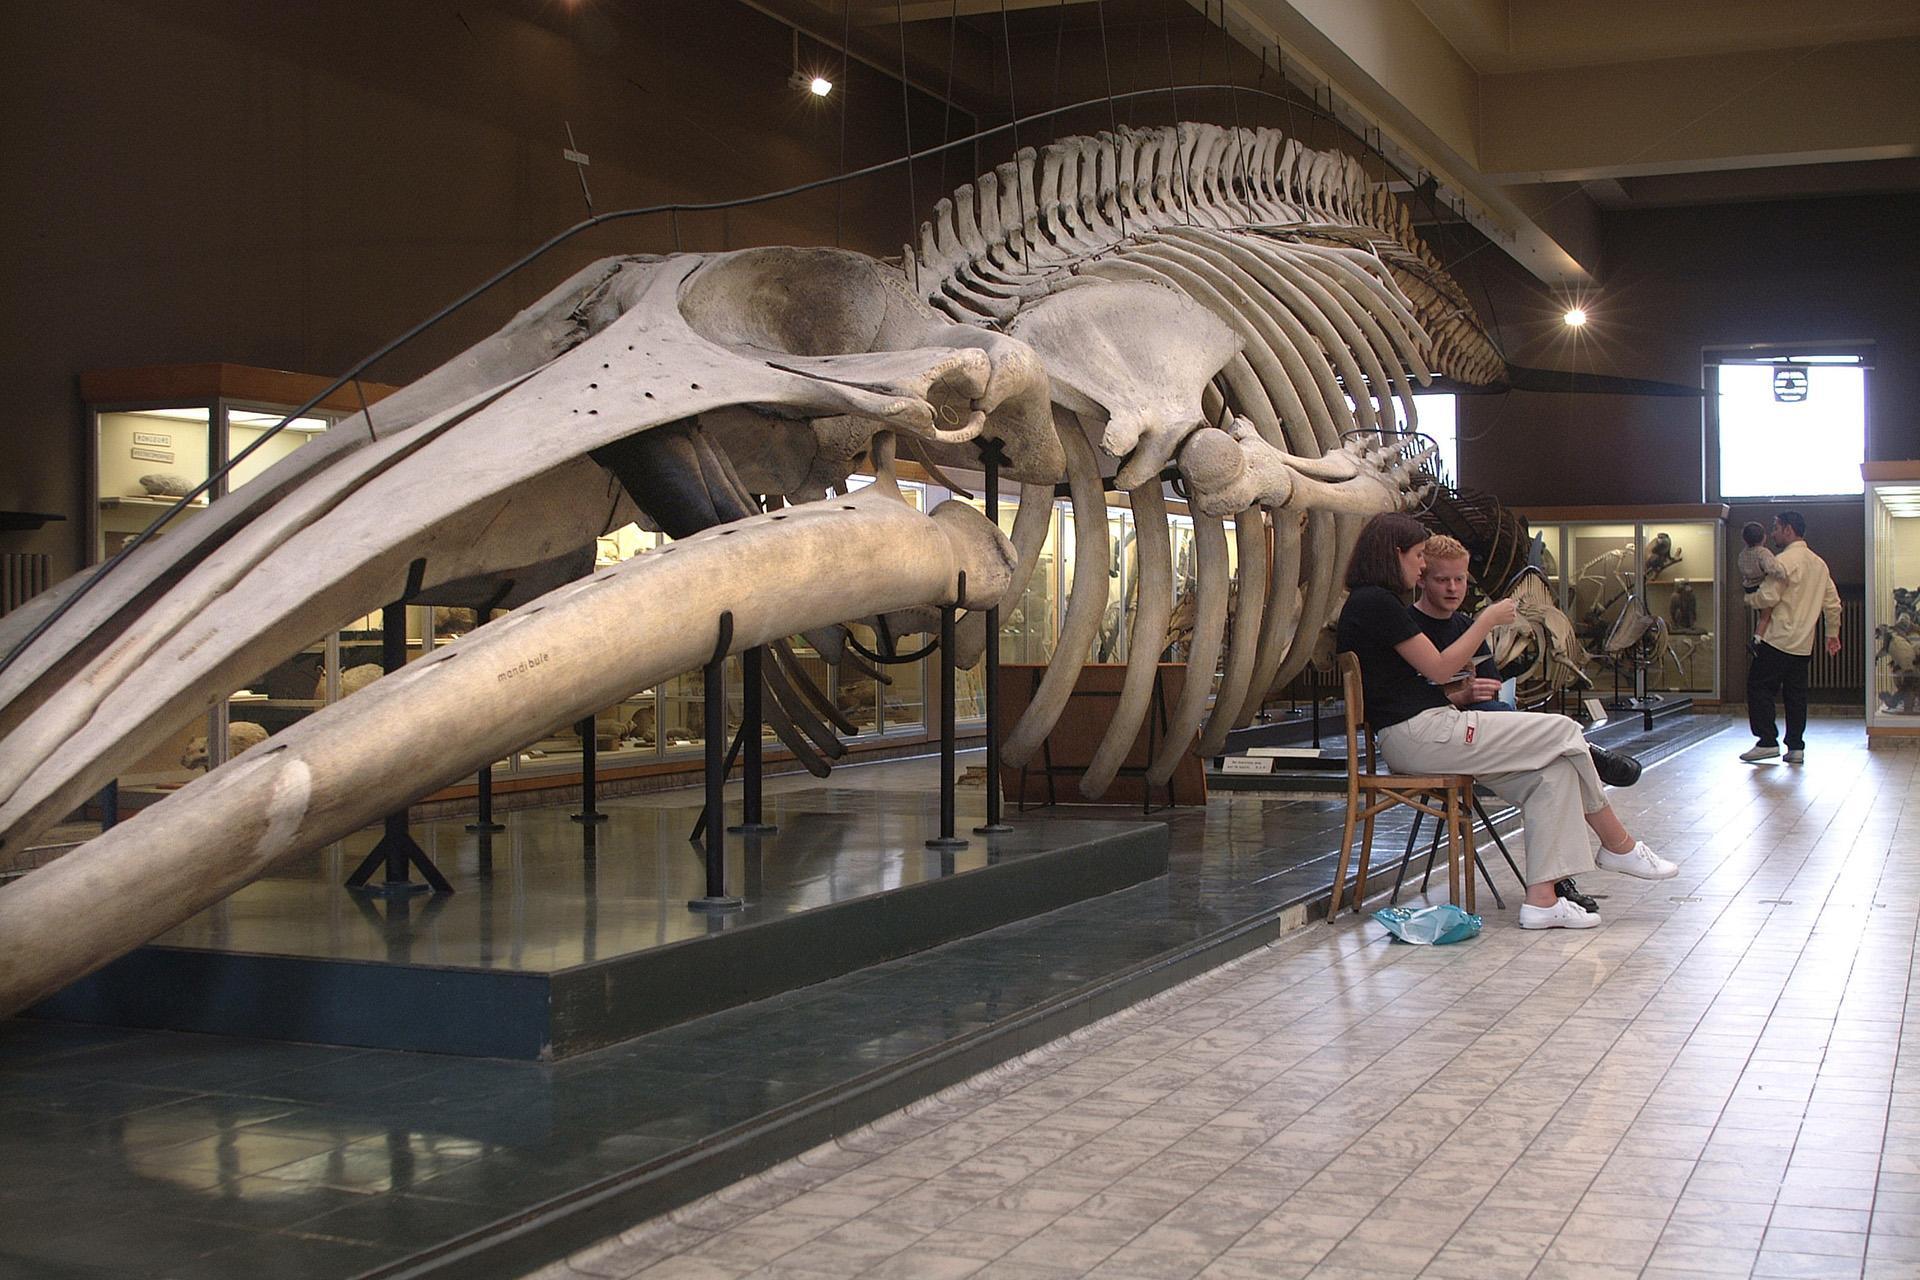 Aquarium-Museum - Liège - Squelette baleine